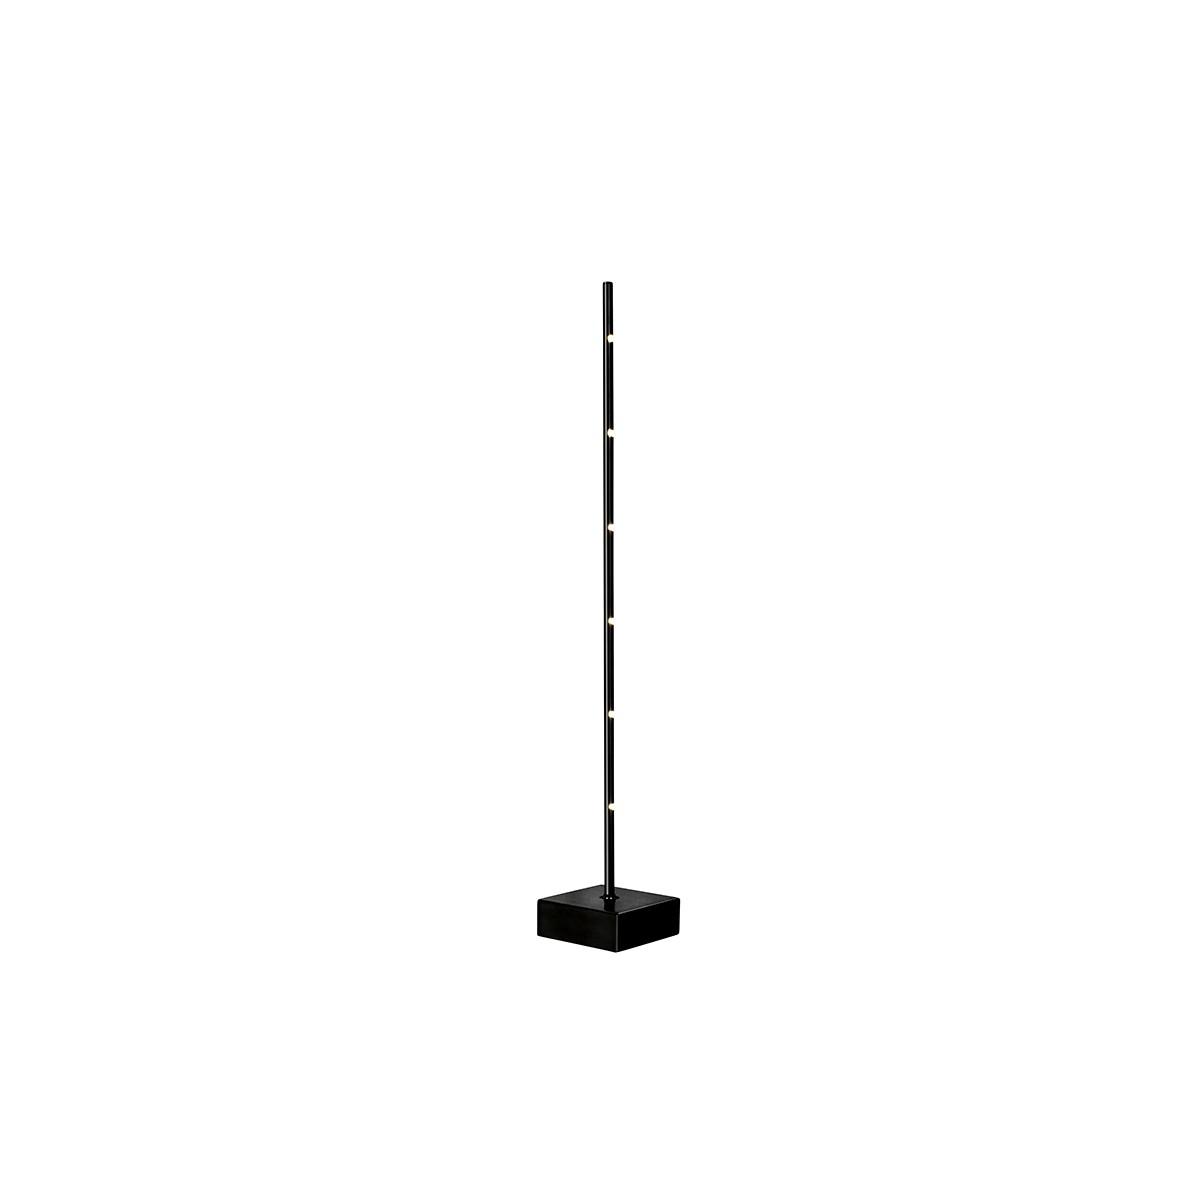 Sompex Pin LED Tischleuchte, schwarz